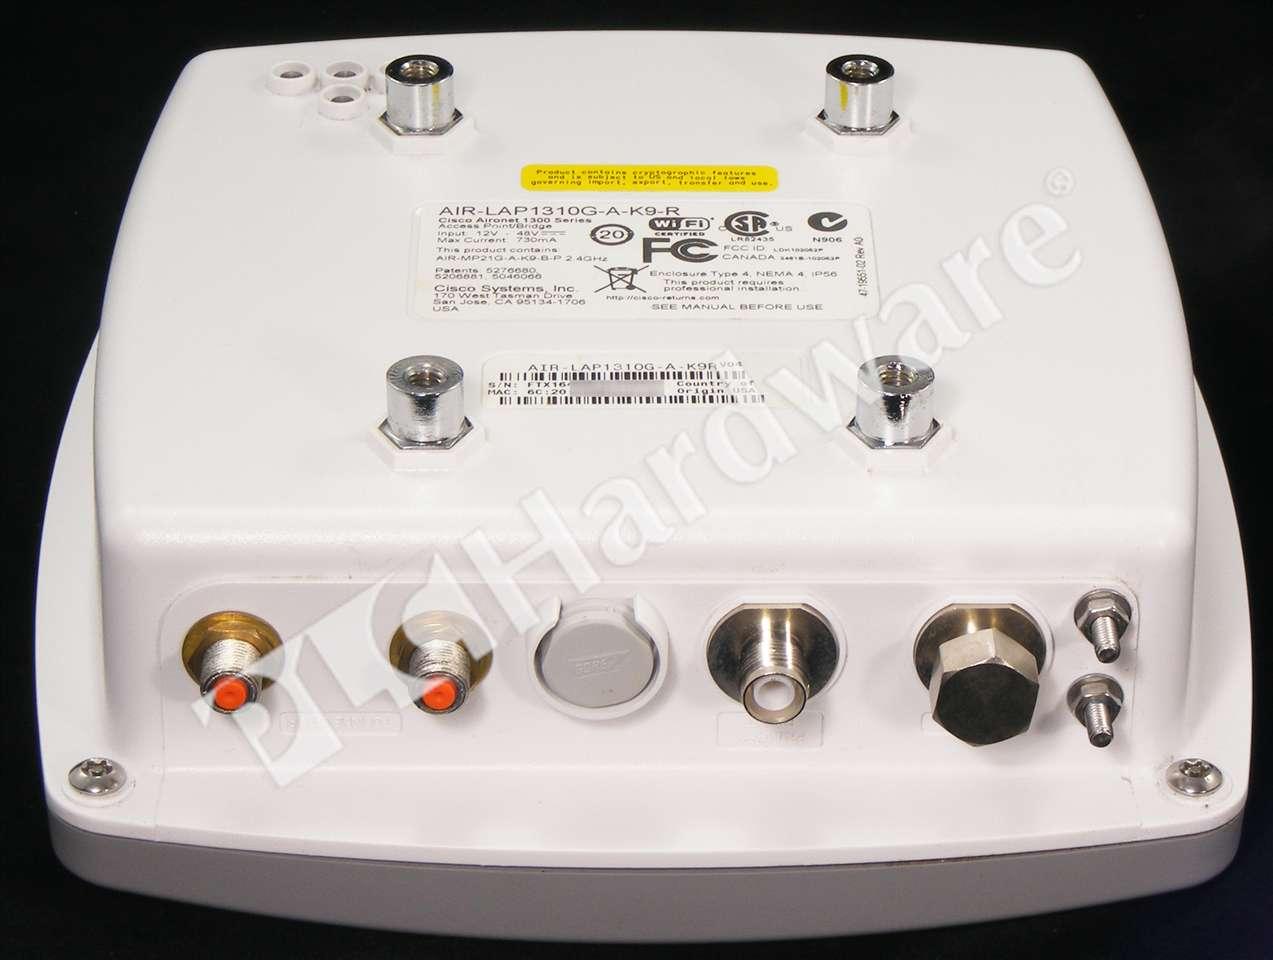 手机囹�a�/k9�dyg`_有关以下物品的详细资料: cisco air-lap /strong>1310g-a-k9r airone